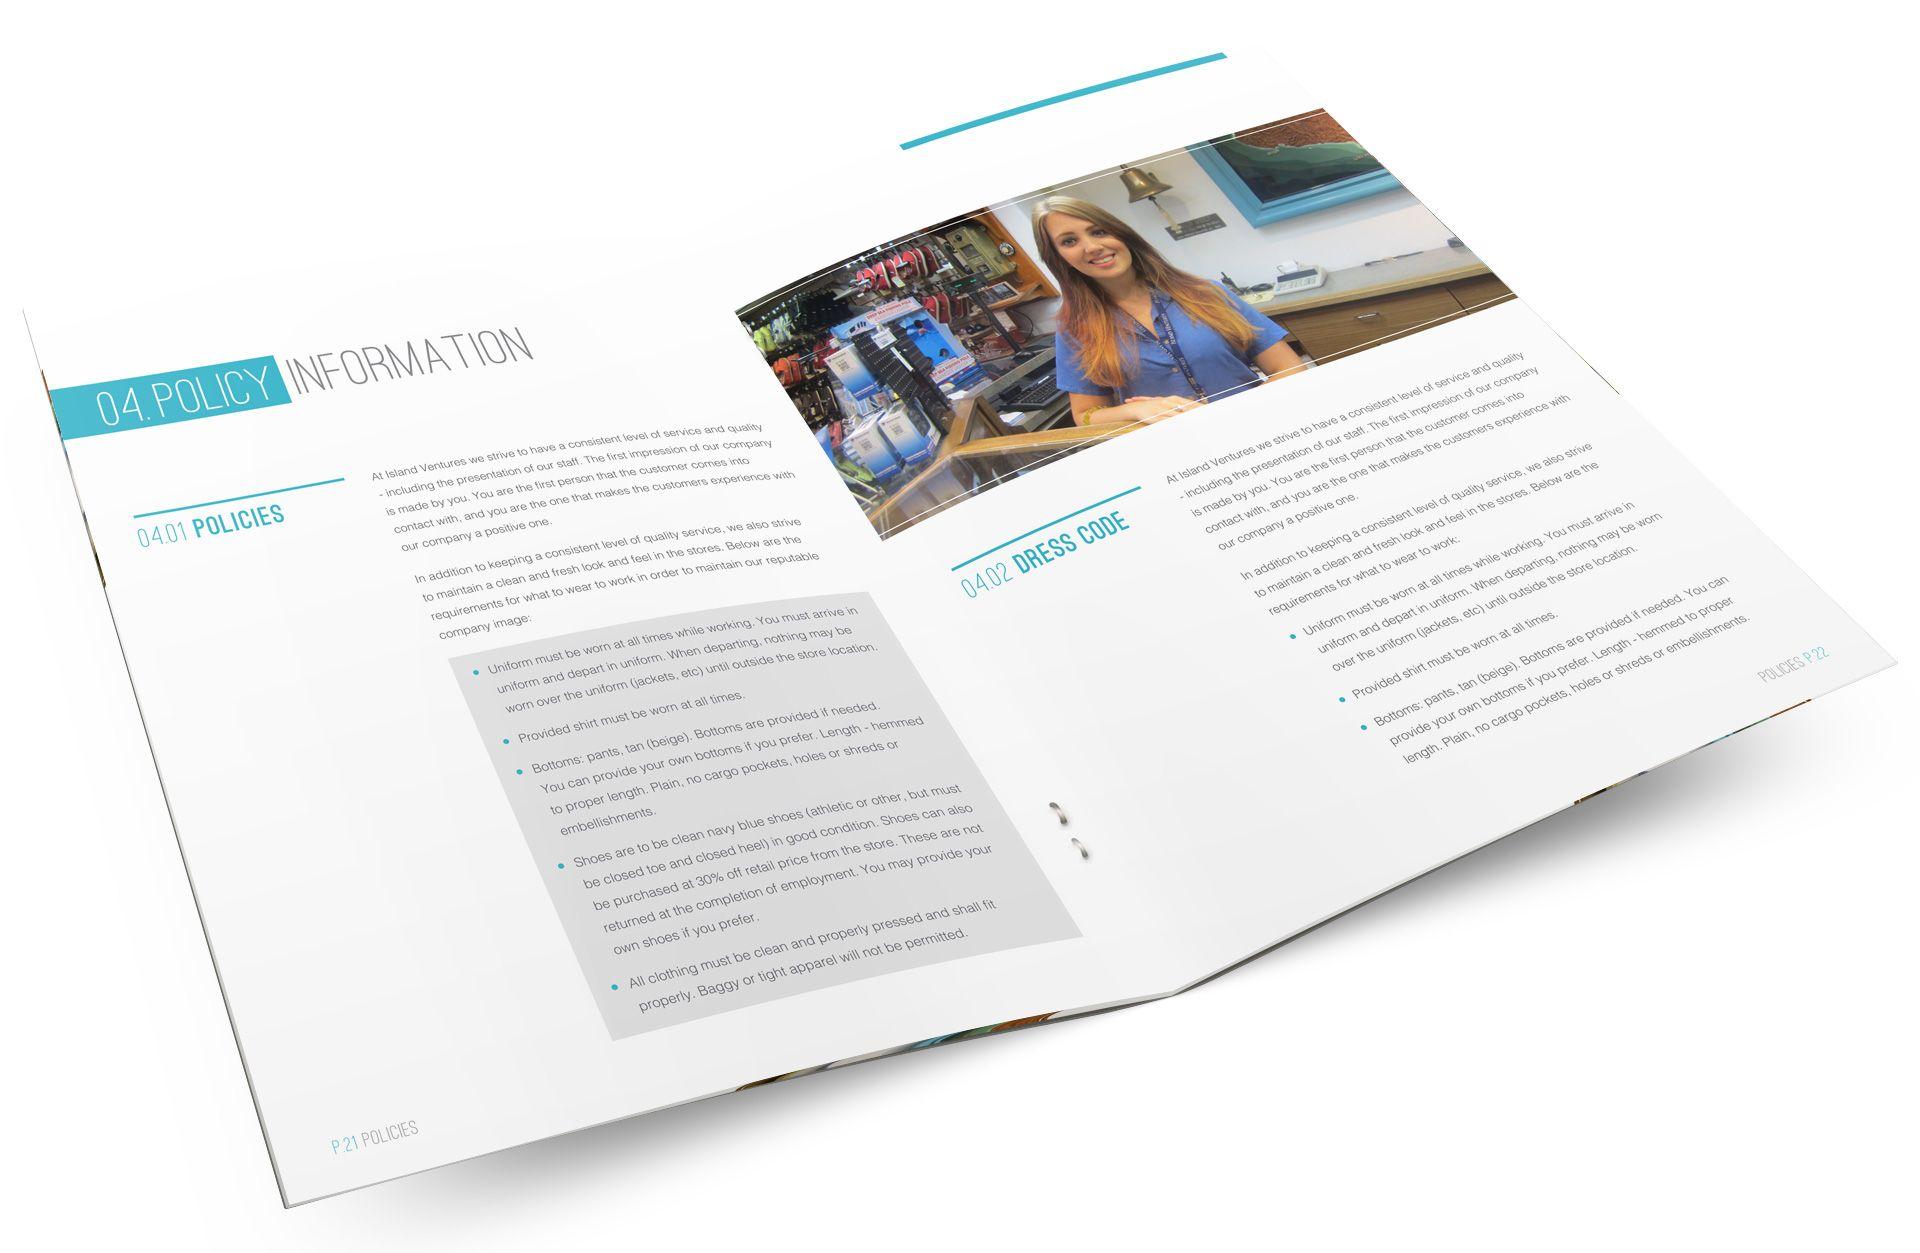 employee handbook design graphic design website design employee handbook design graphic design website design employment design